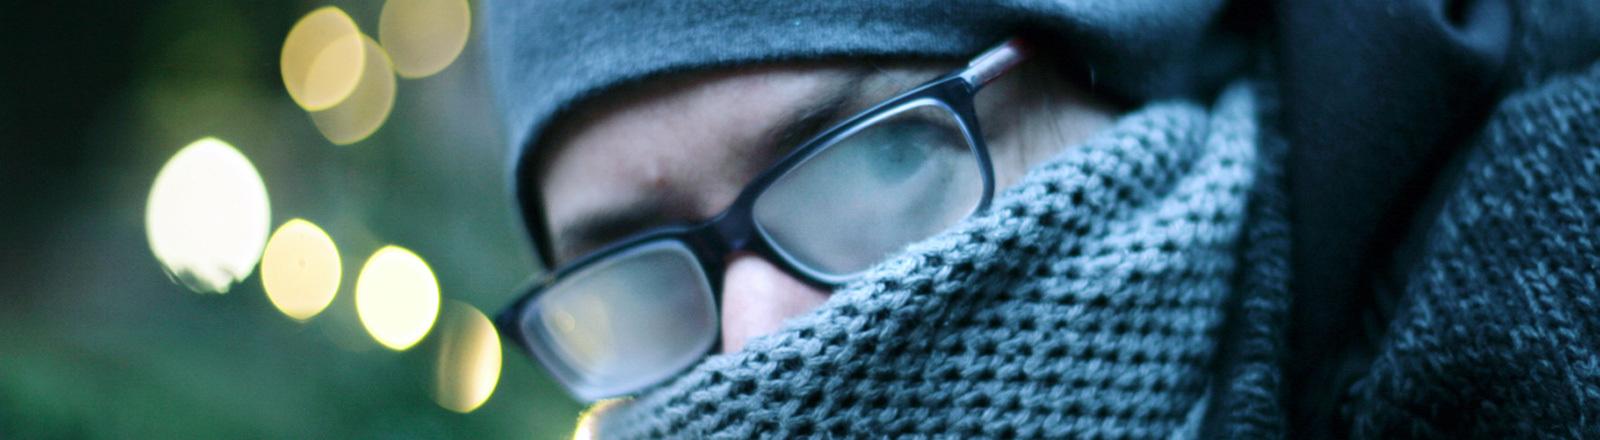 Frieren in der Kälte. Sogar die Brillengläser beschlagen.